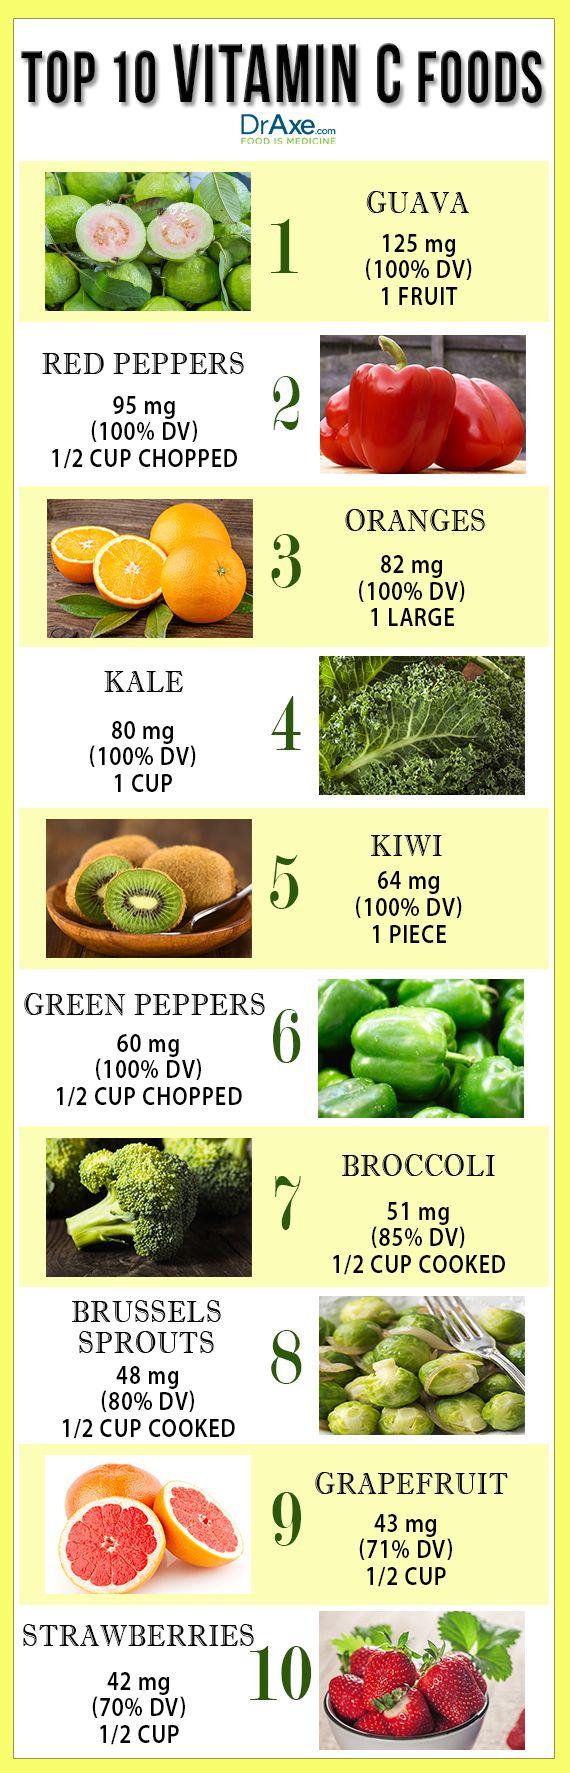 Vitamin c foods - top ten